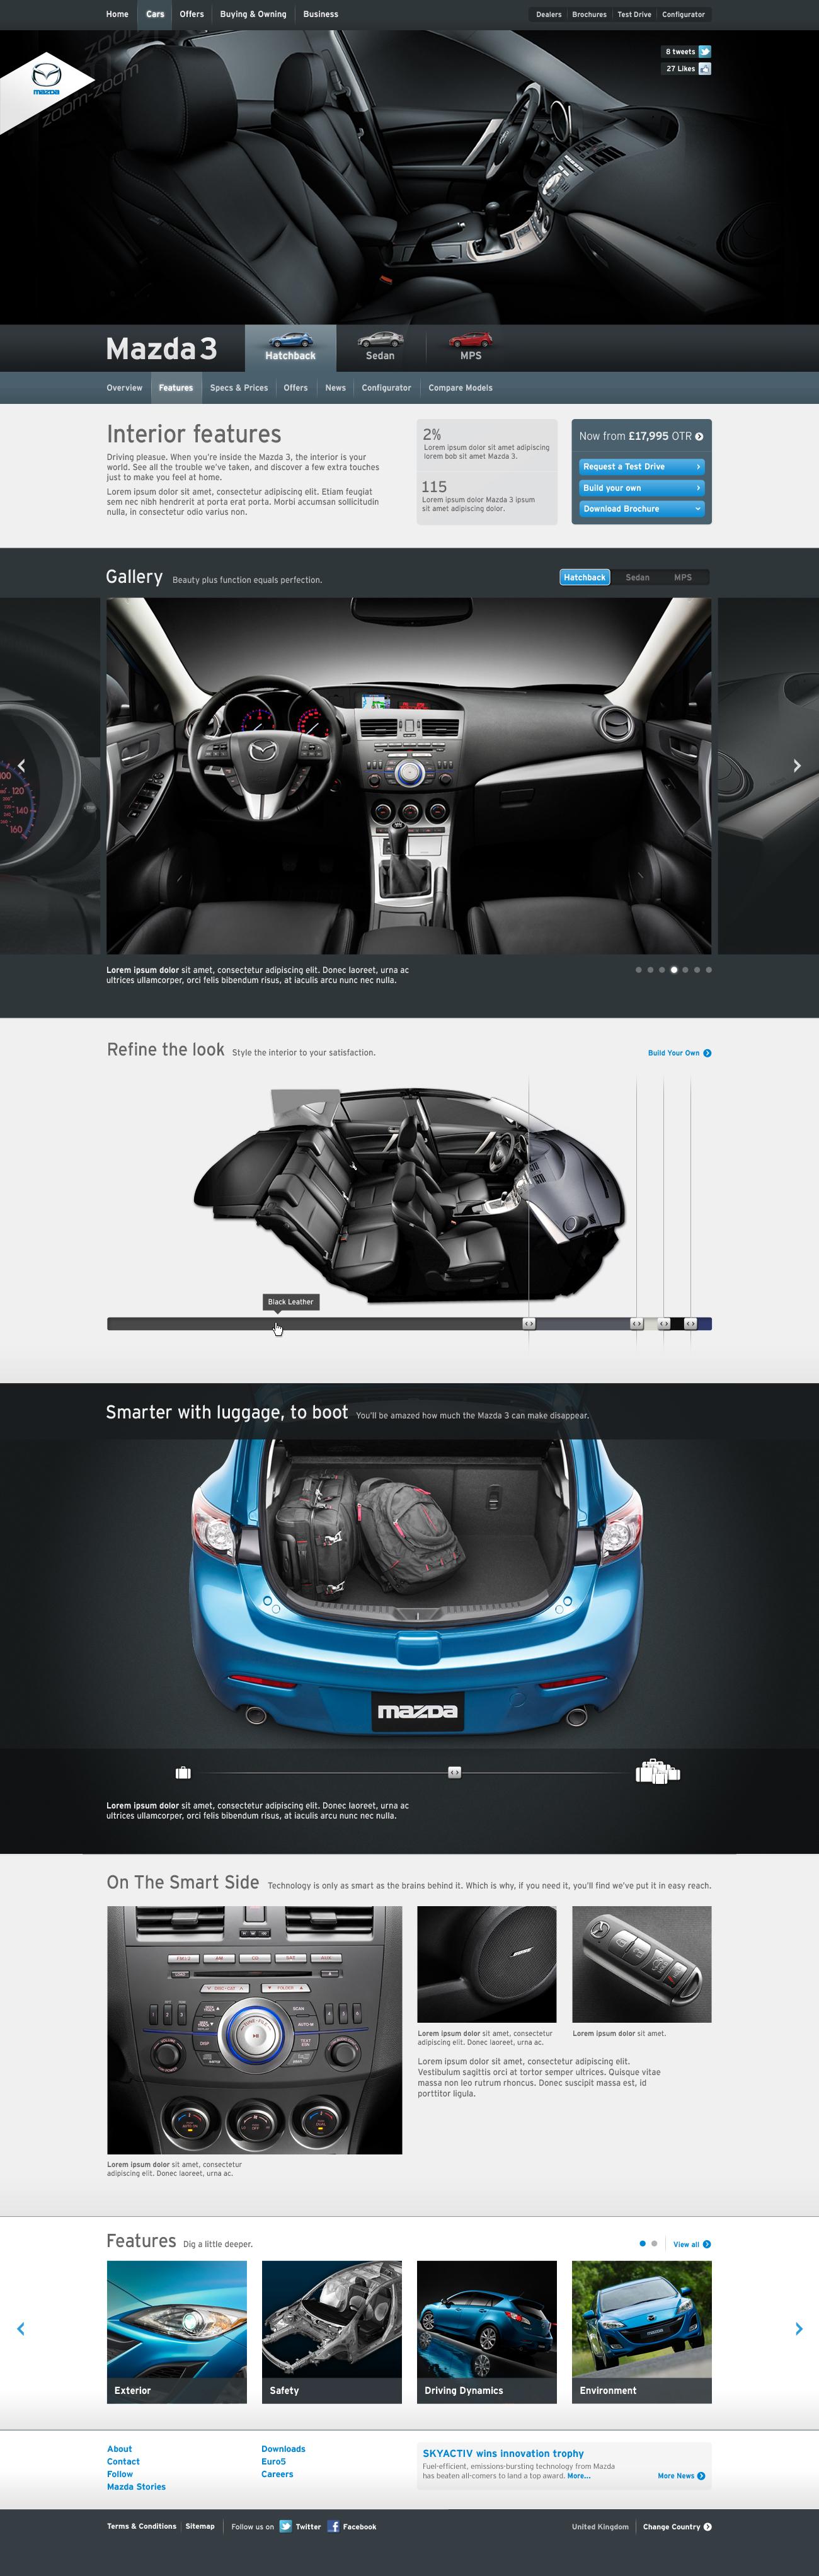 Mazda 3 Interior Features